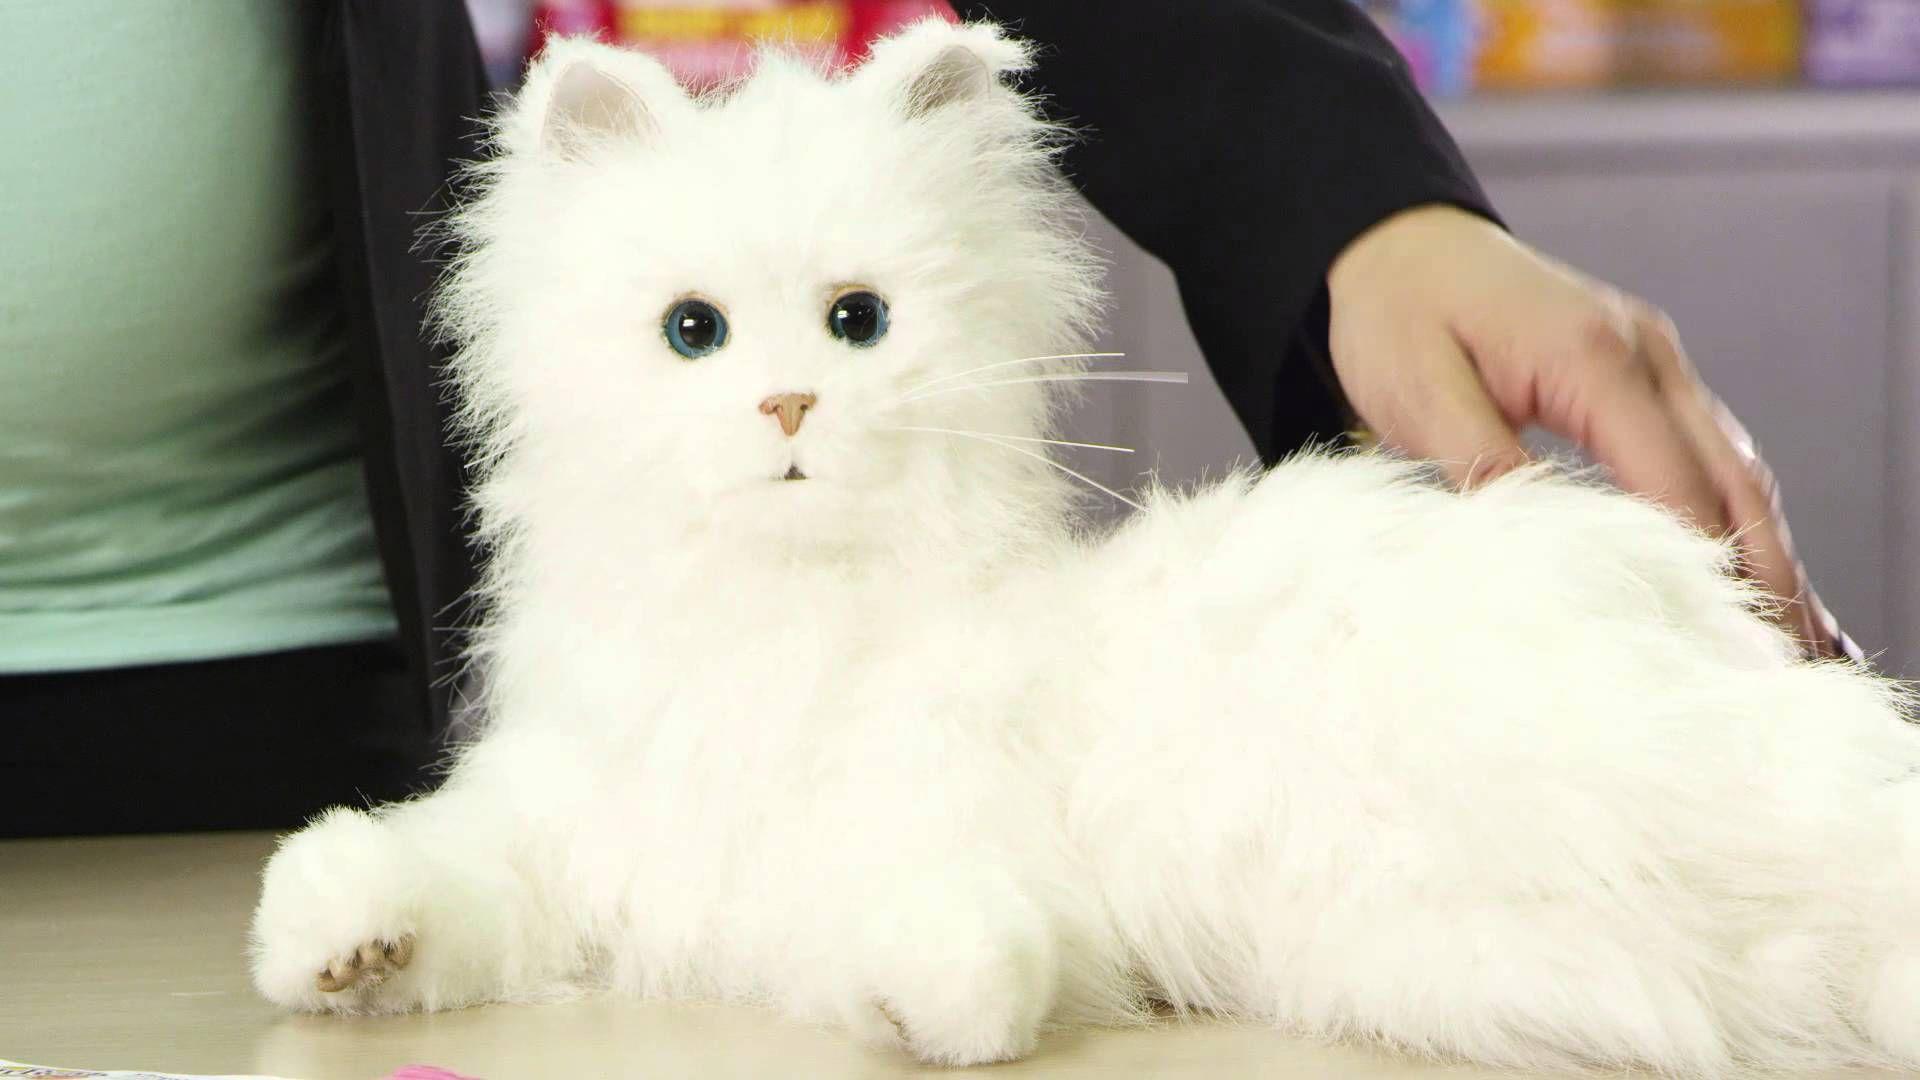 Fur Real Lulu My Cuddlin Kitten Youtube Kitten Toys Kitten Toys R Us